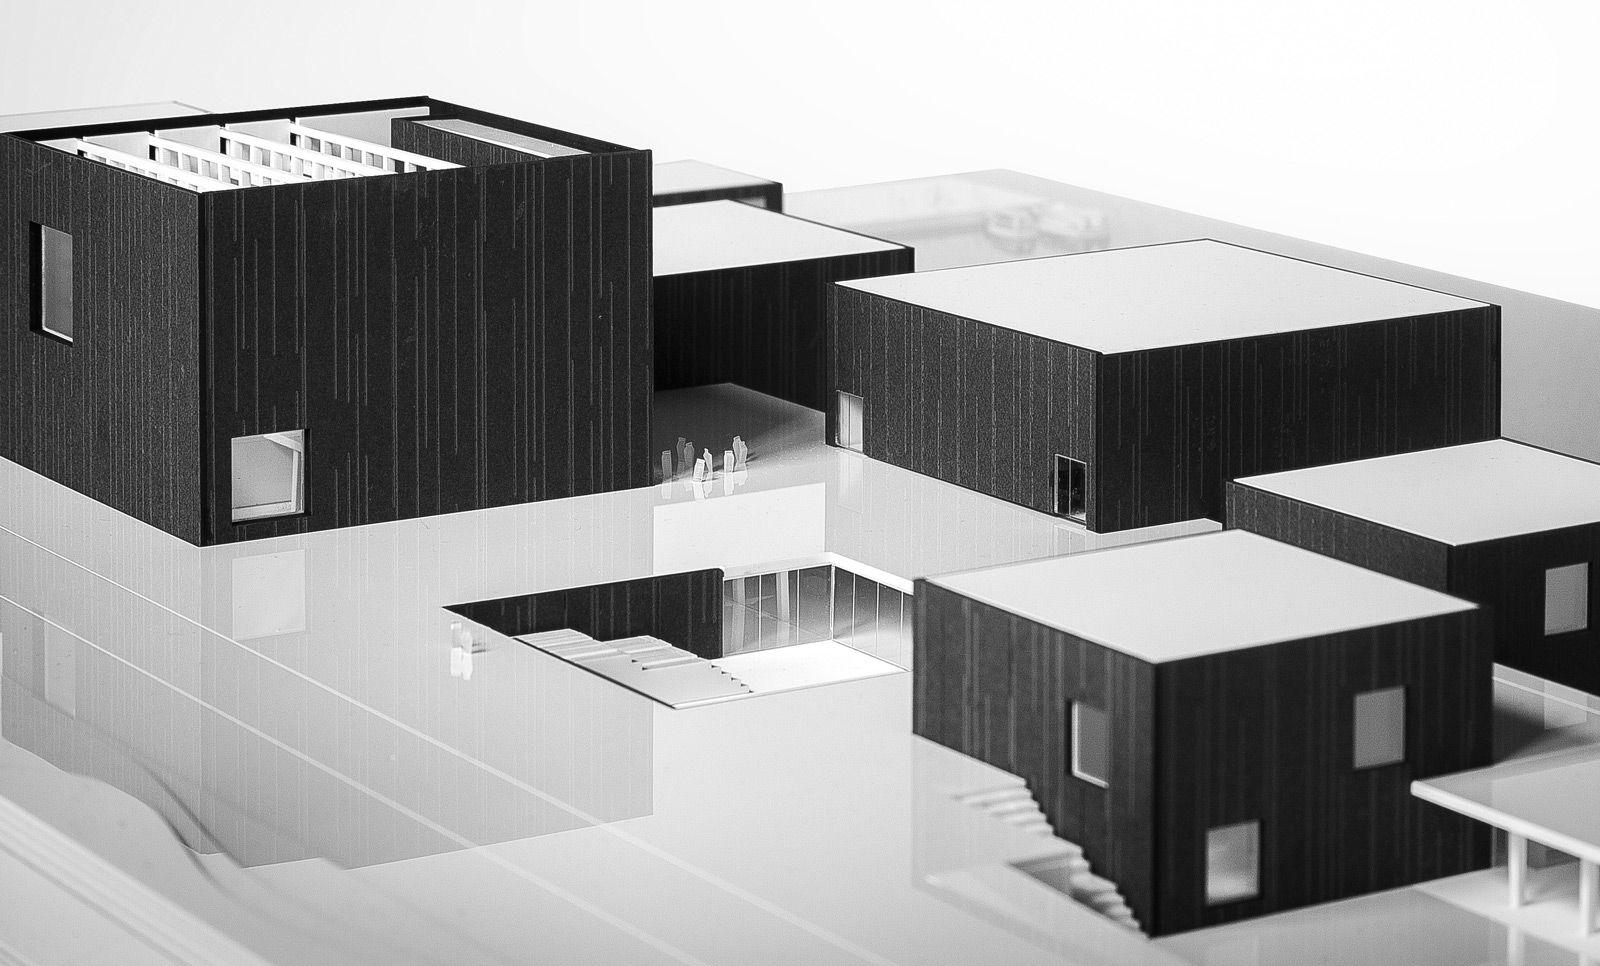 Maqueta arquitectura valencia museo fluvial en oporto for Arquitectura carrera profesional